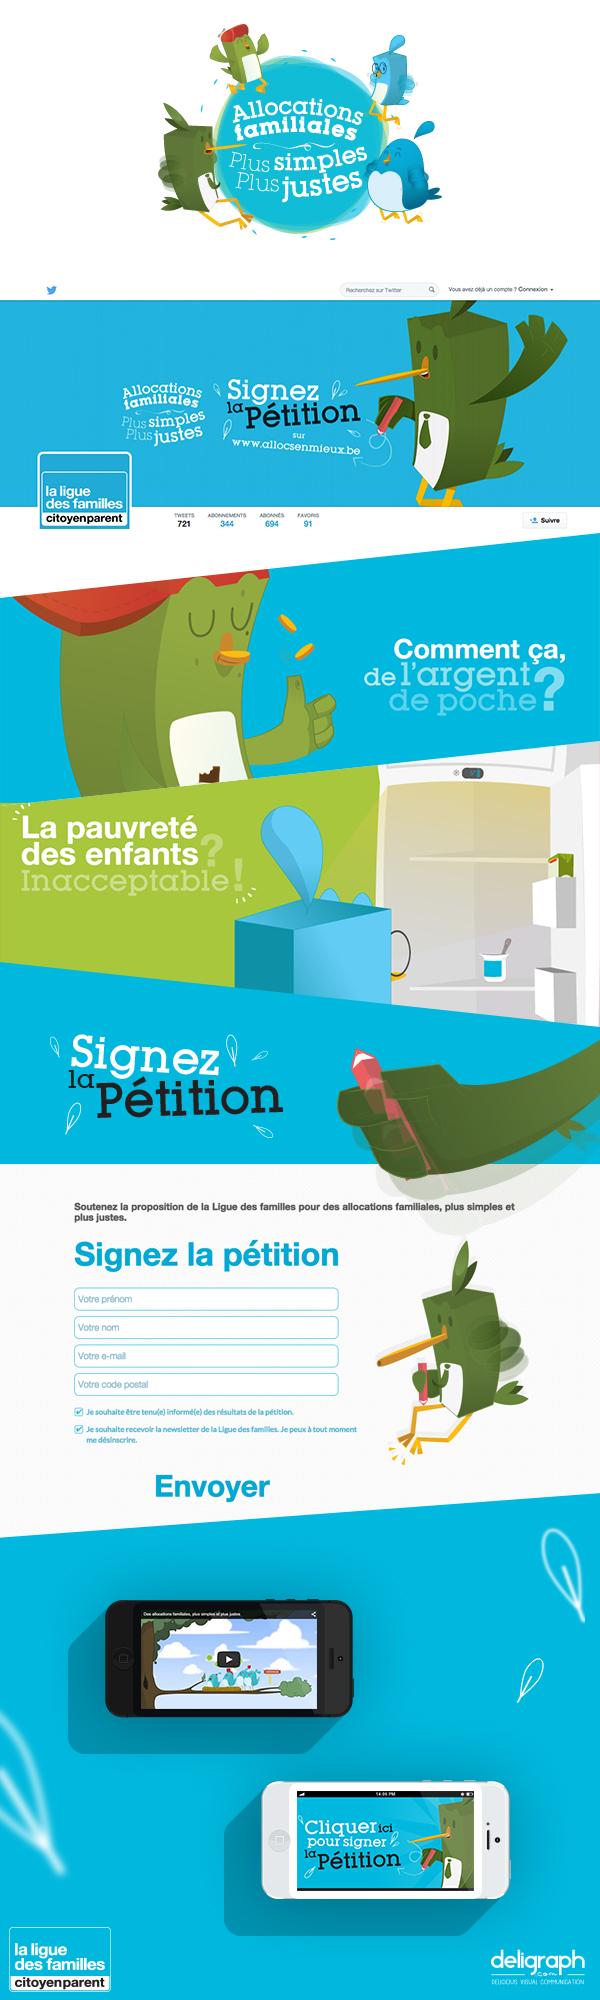 Création d'une campagne de sensibilisation : Illustration, Webdesign et Community management